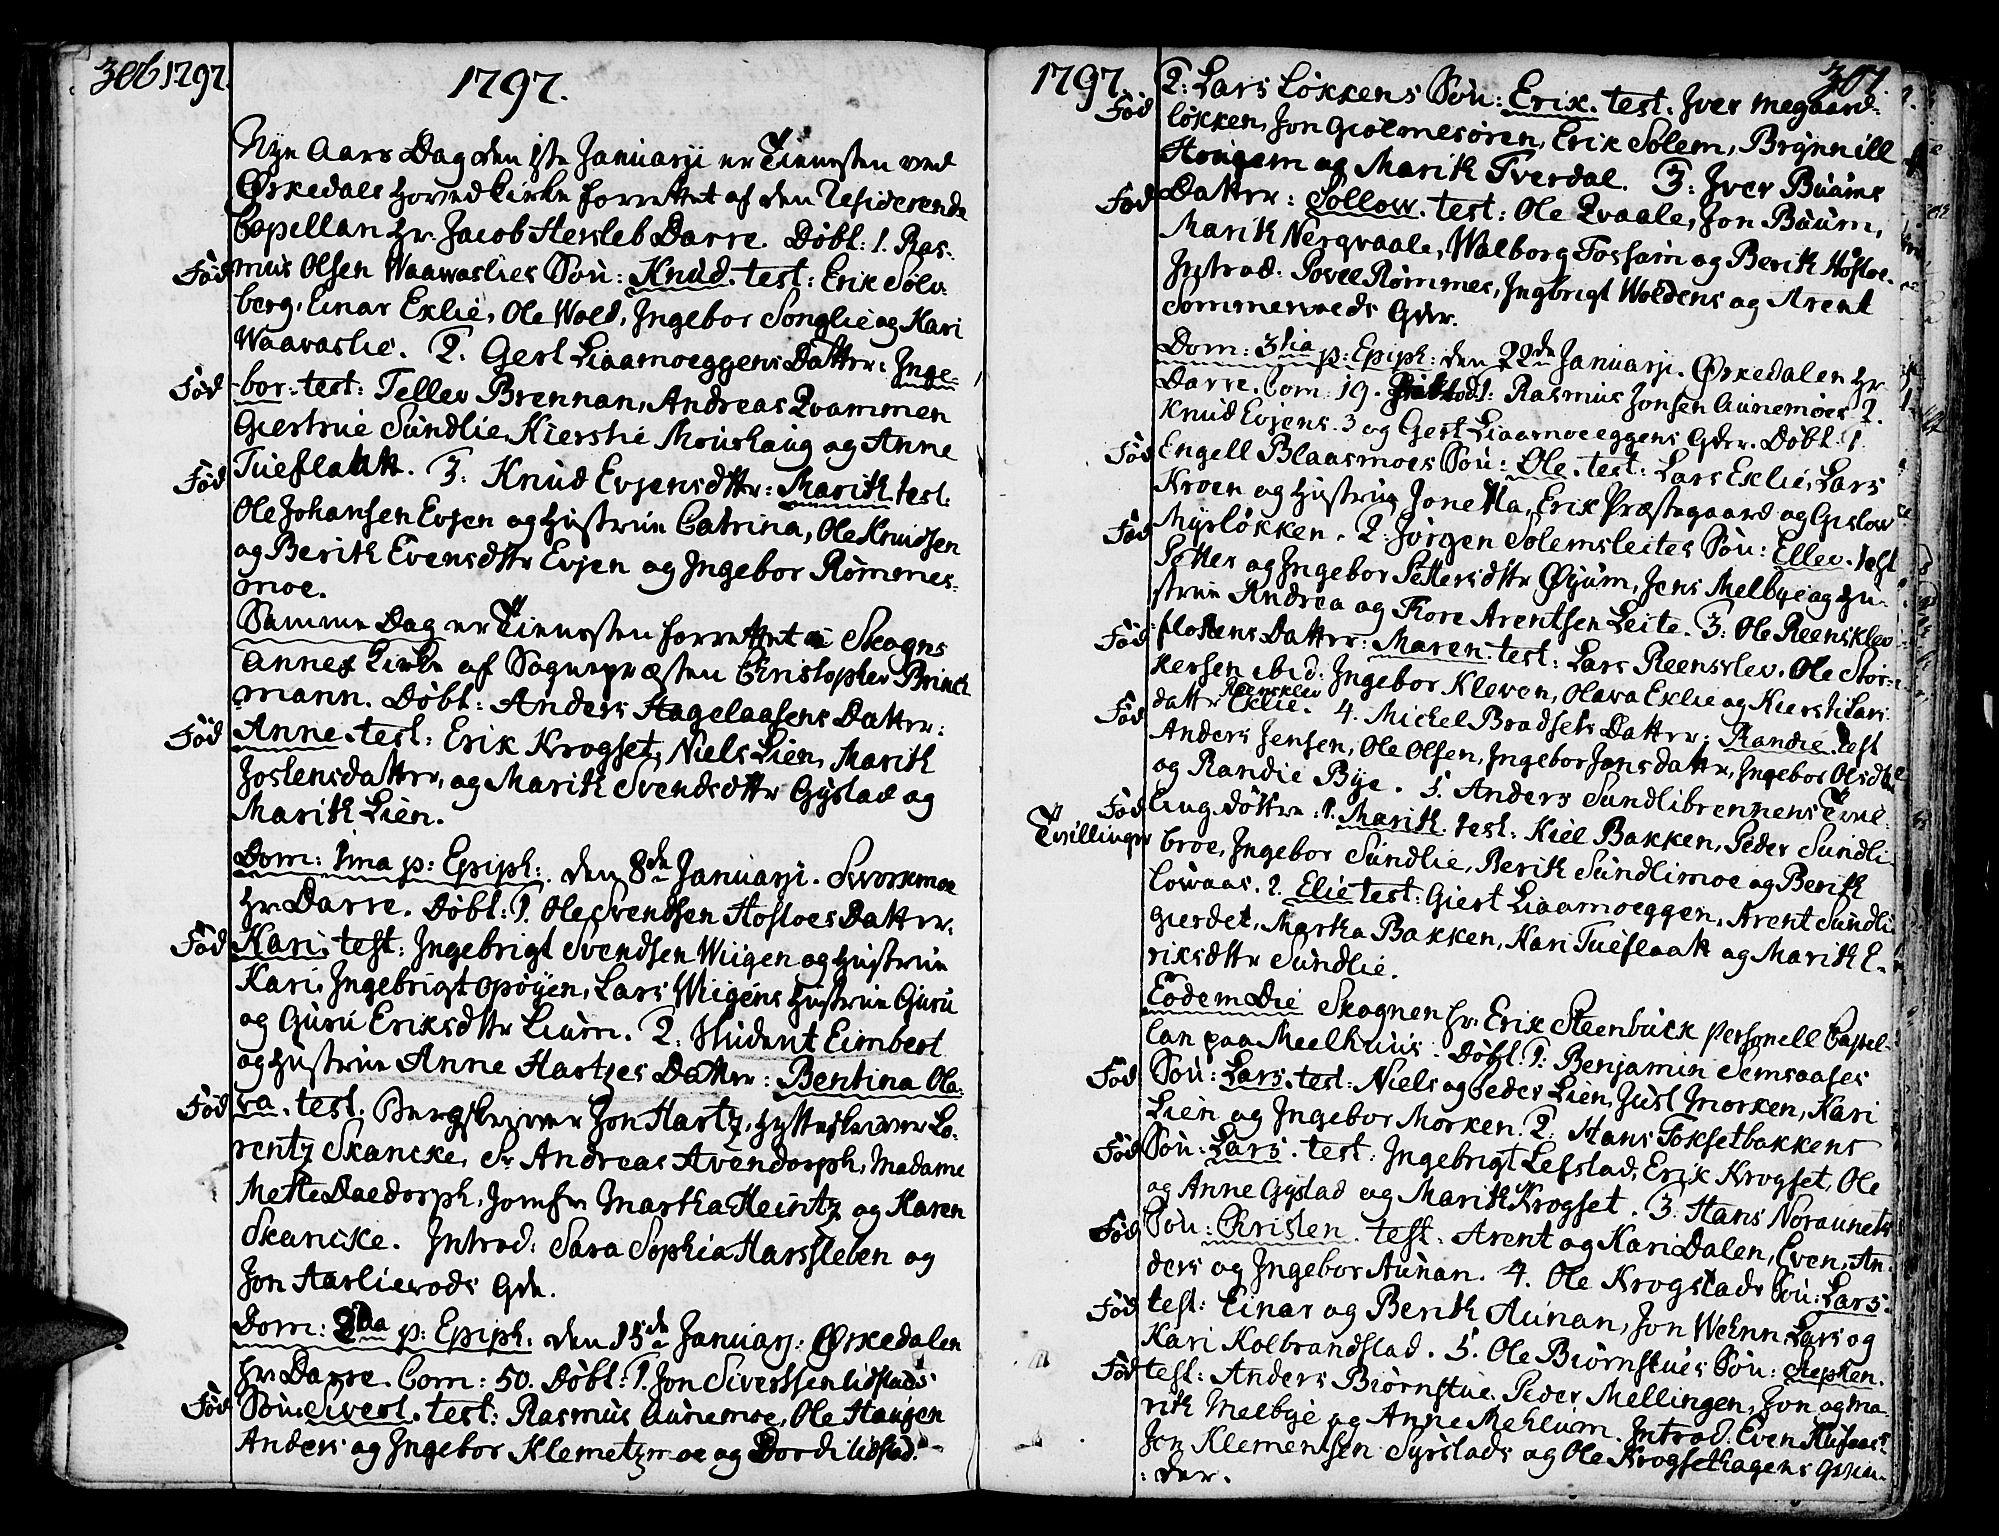 SAT, Ministerialprotokoller, klokkerbøker og fødselsregistre - Sør-Trøndelag, 668/L0802: Ministerialbok nr. 668A02, 1776-1799, s. 306-307